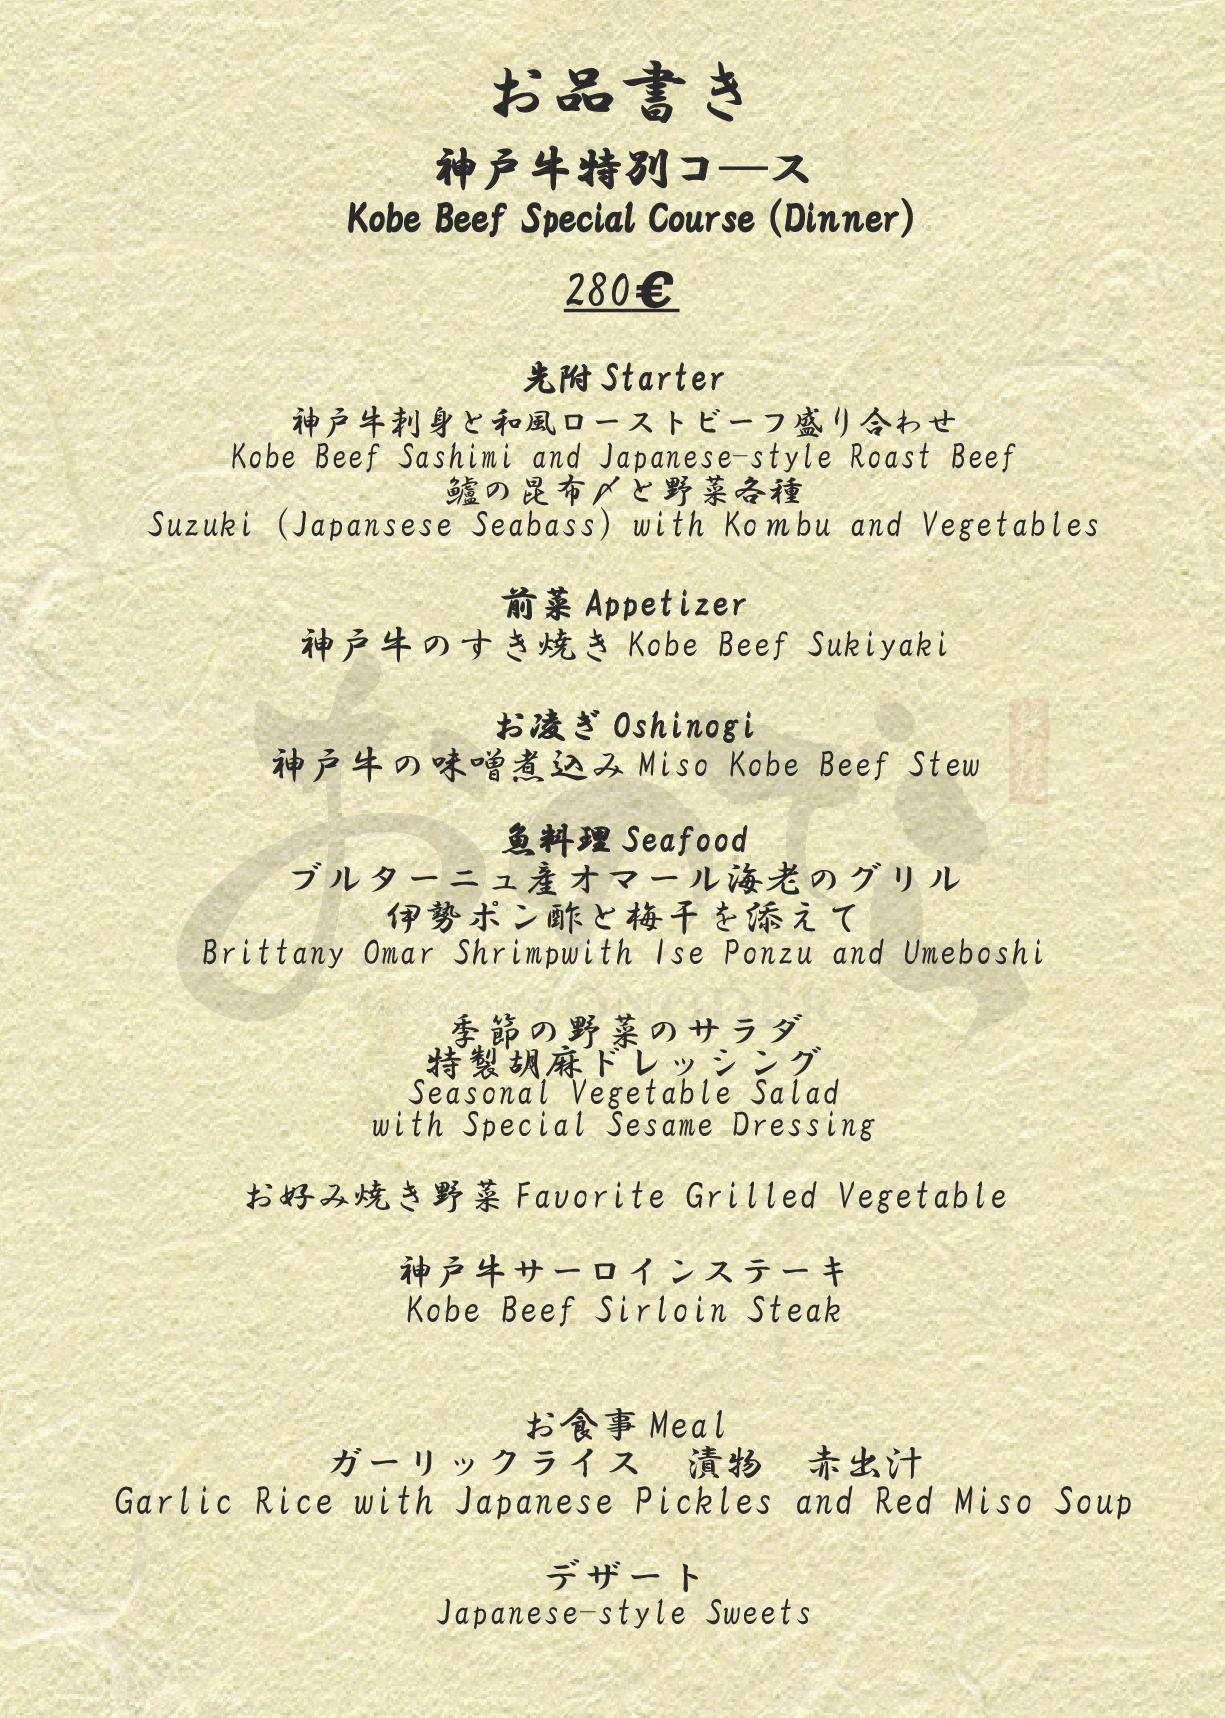 鉄板焼 [パリ店] ディナーメニュー1